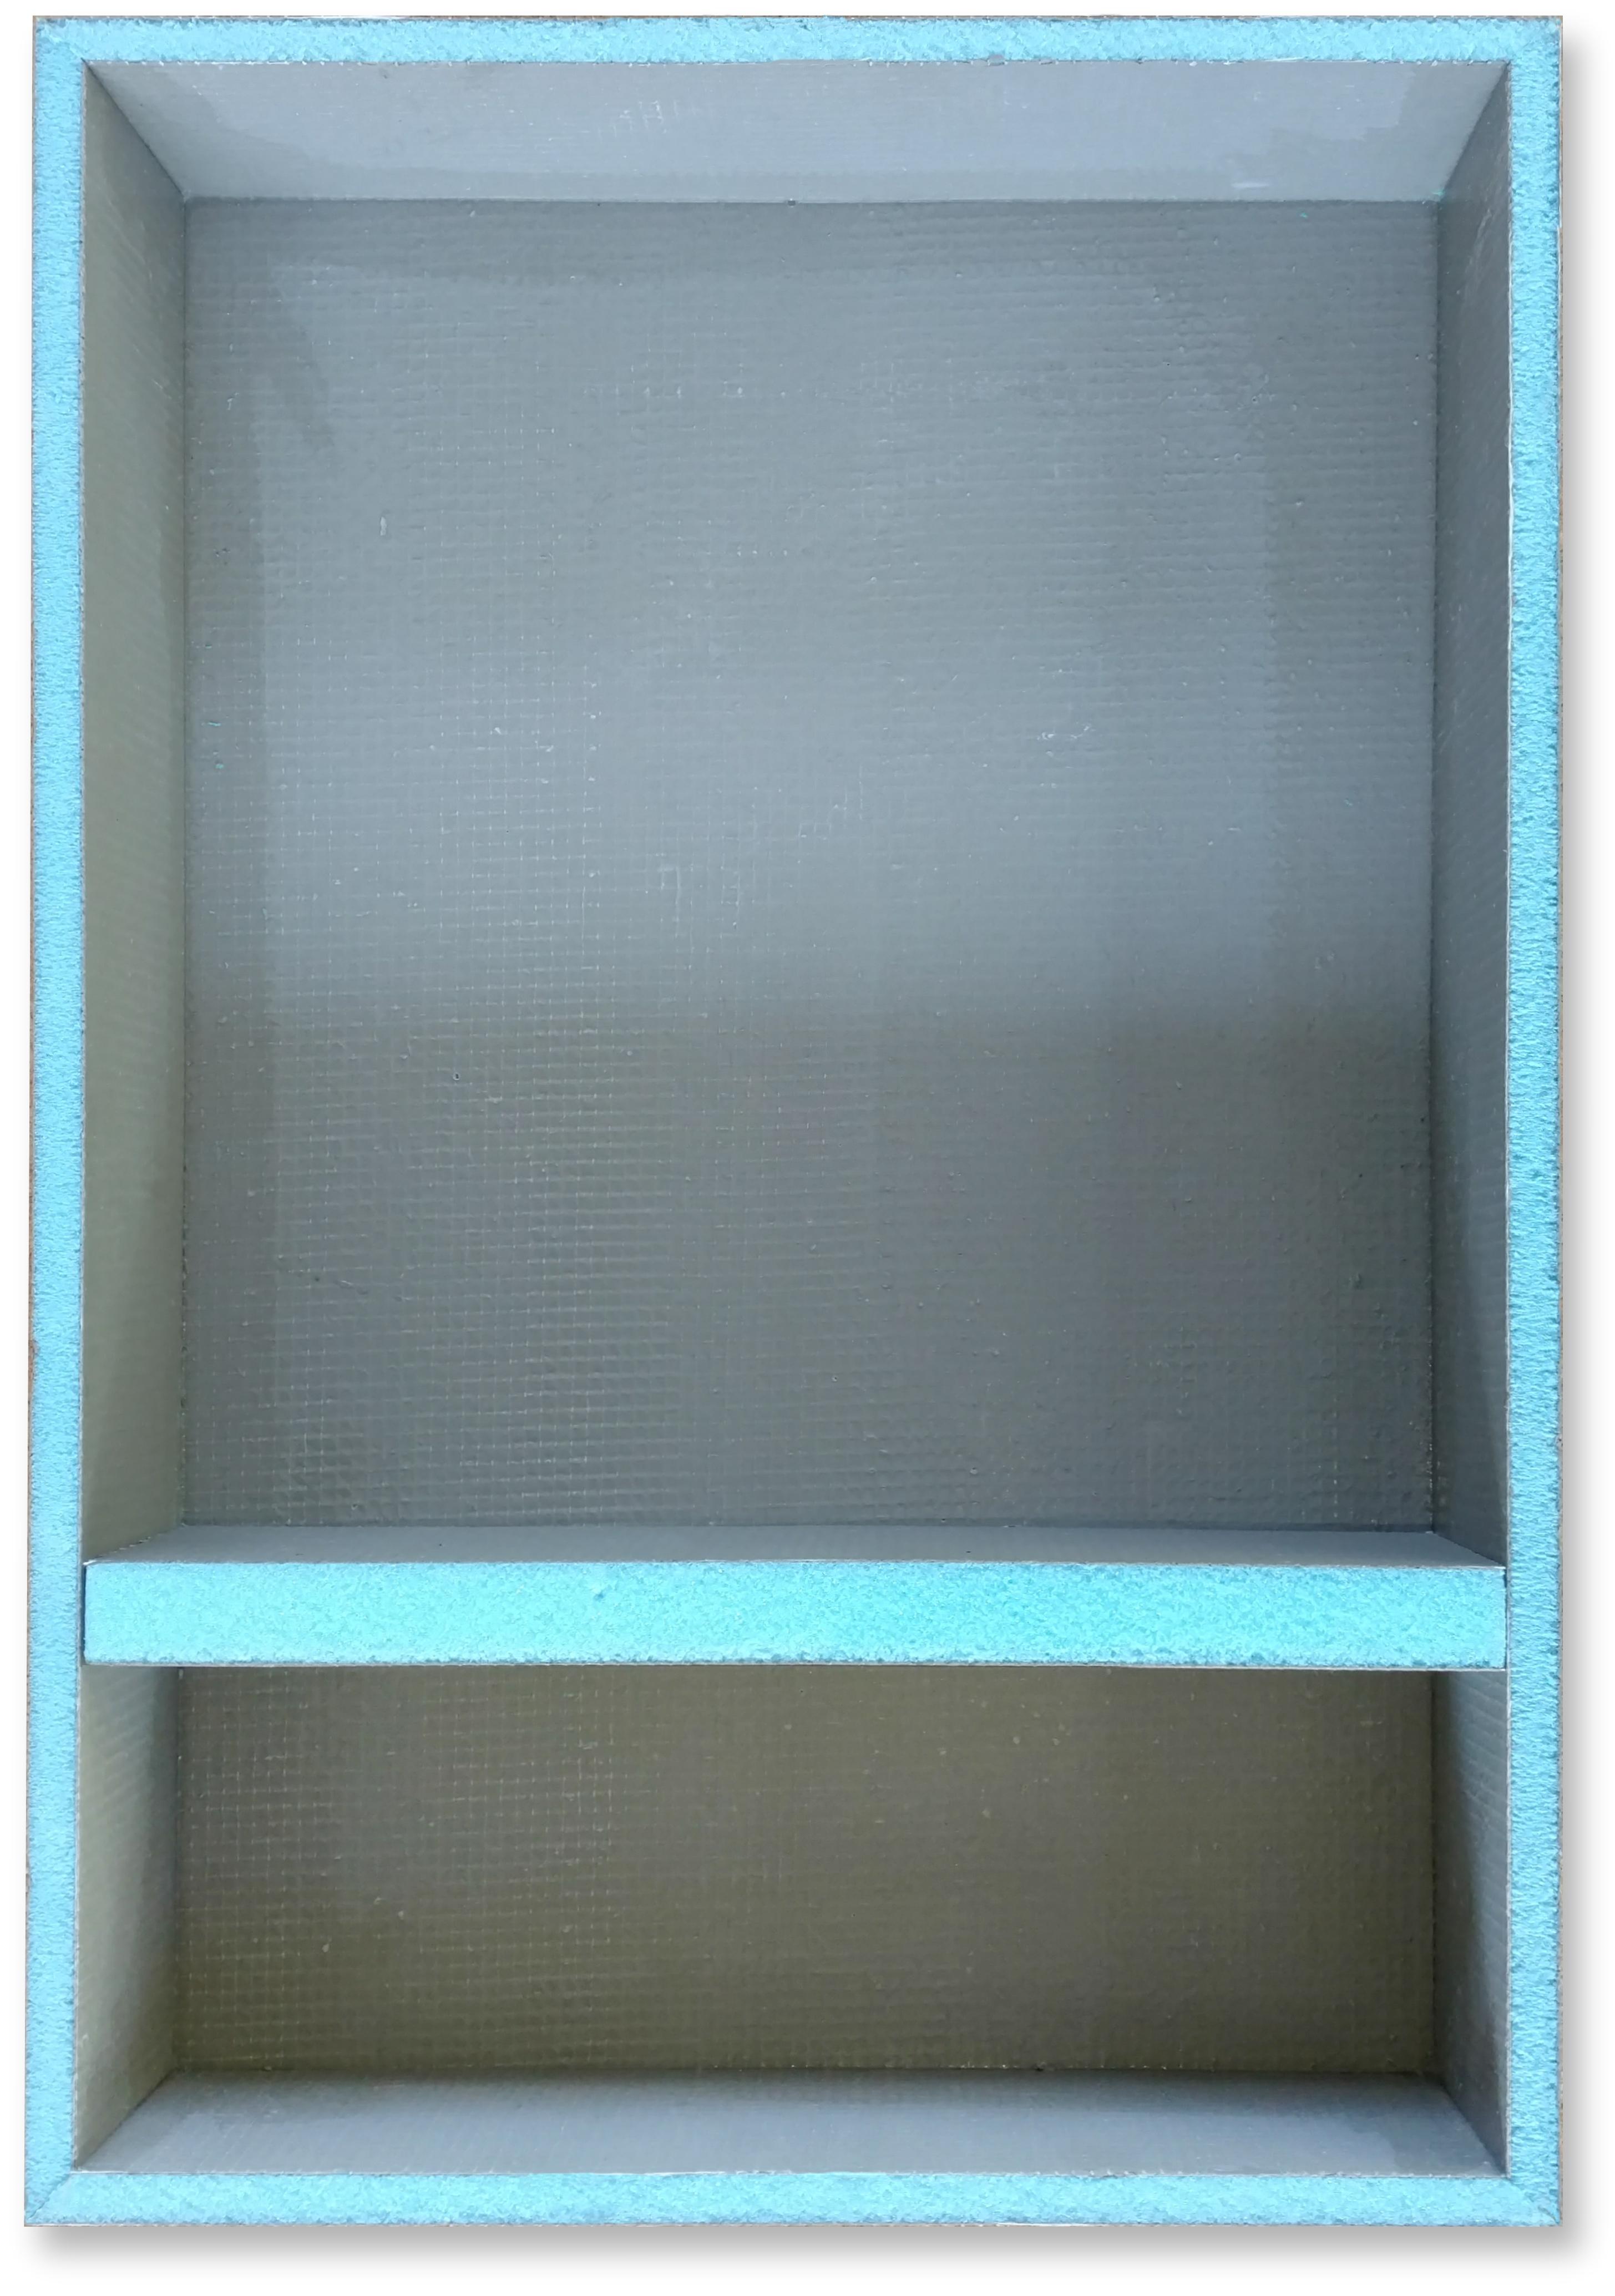 benches u0026 curbs new niches bathtub kits